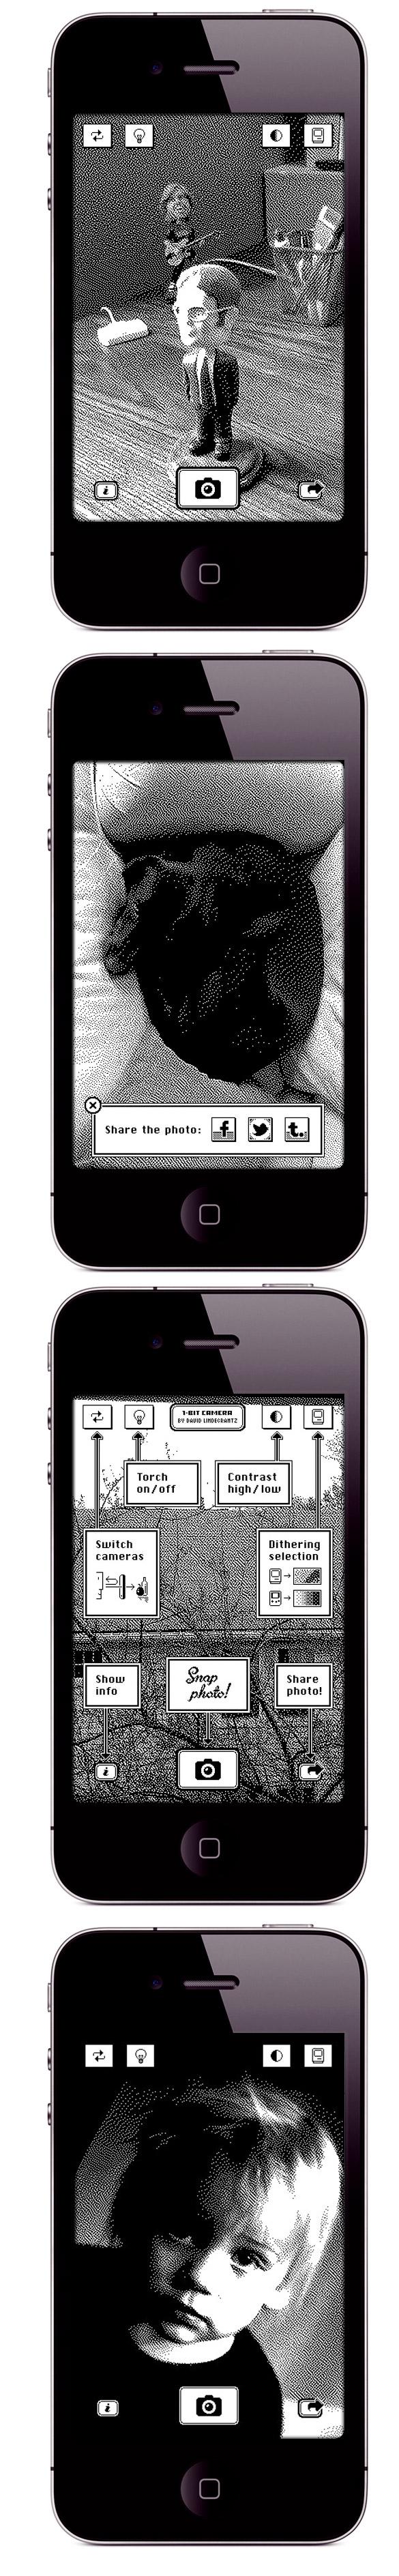 cam2 1 Bit caméra, ou comment transformer lappareil photo de votre iPhone en appareil 1 bit.